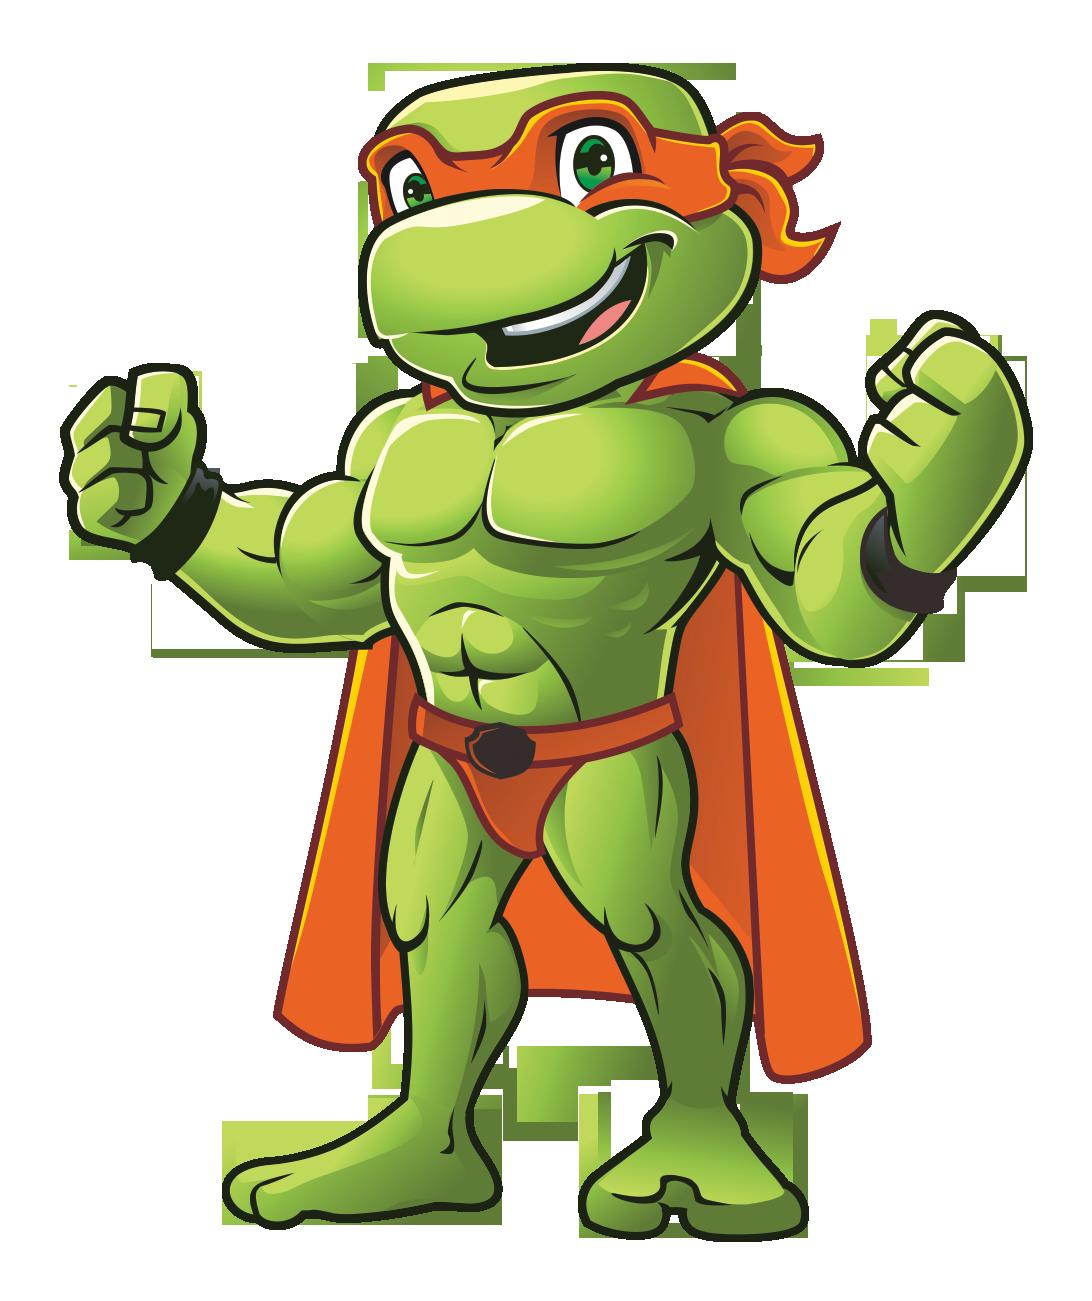 Unser Ninja Turtle benötigt ein neues Design! Die Welt gesünder & glücklicher machen!